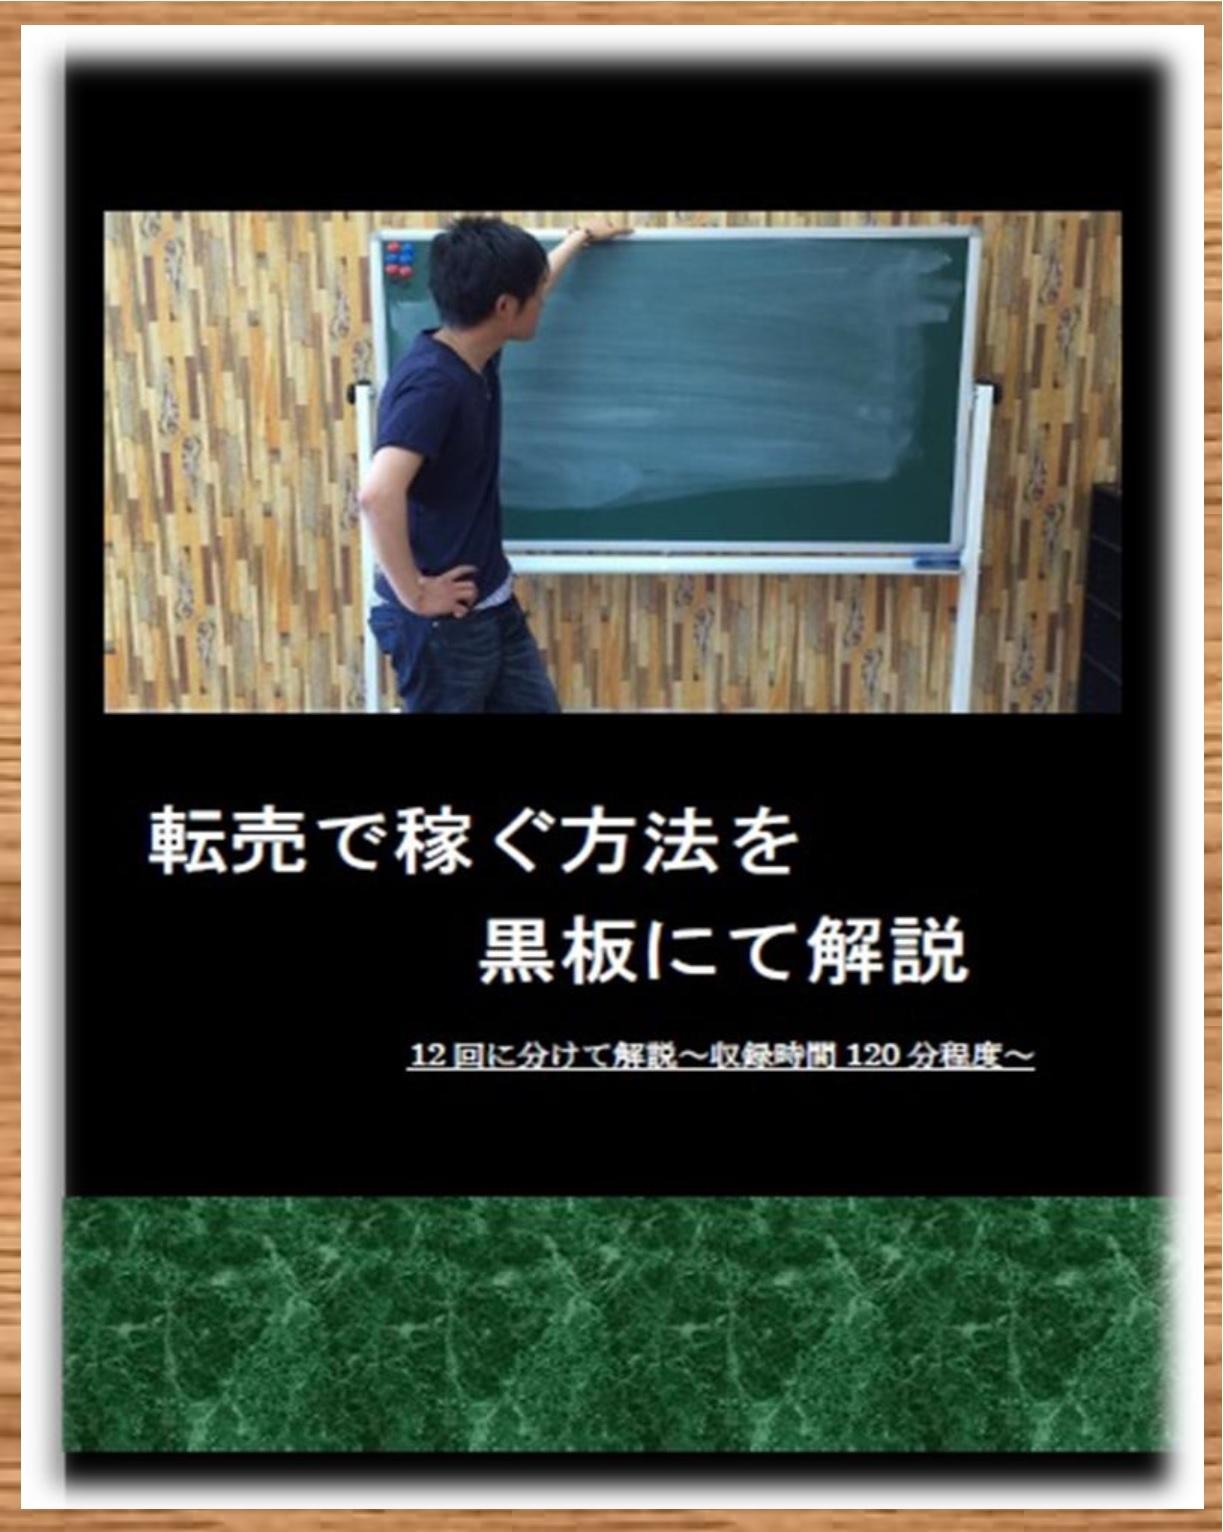 【完売!!】転売で稼ぐためのノウハウを黒板を使って解説 120分 予定数量分終了!ありがとうございました!!